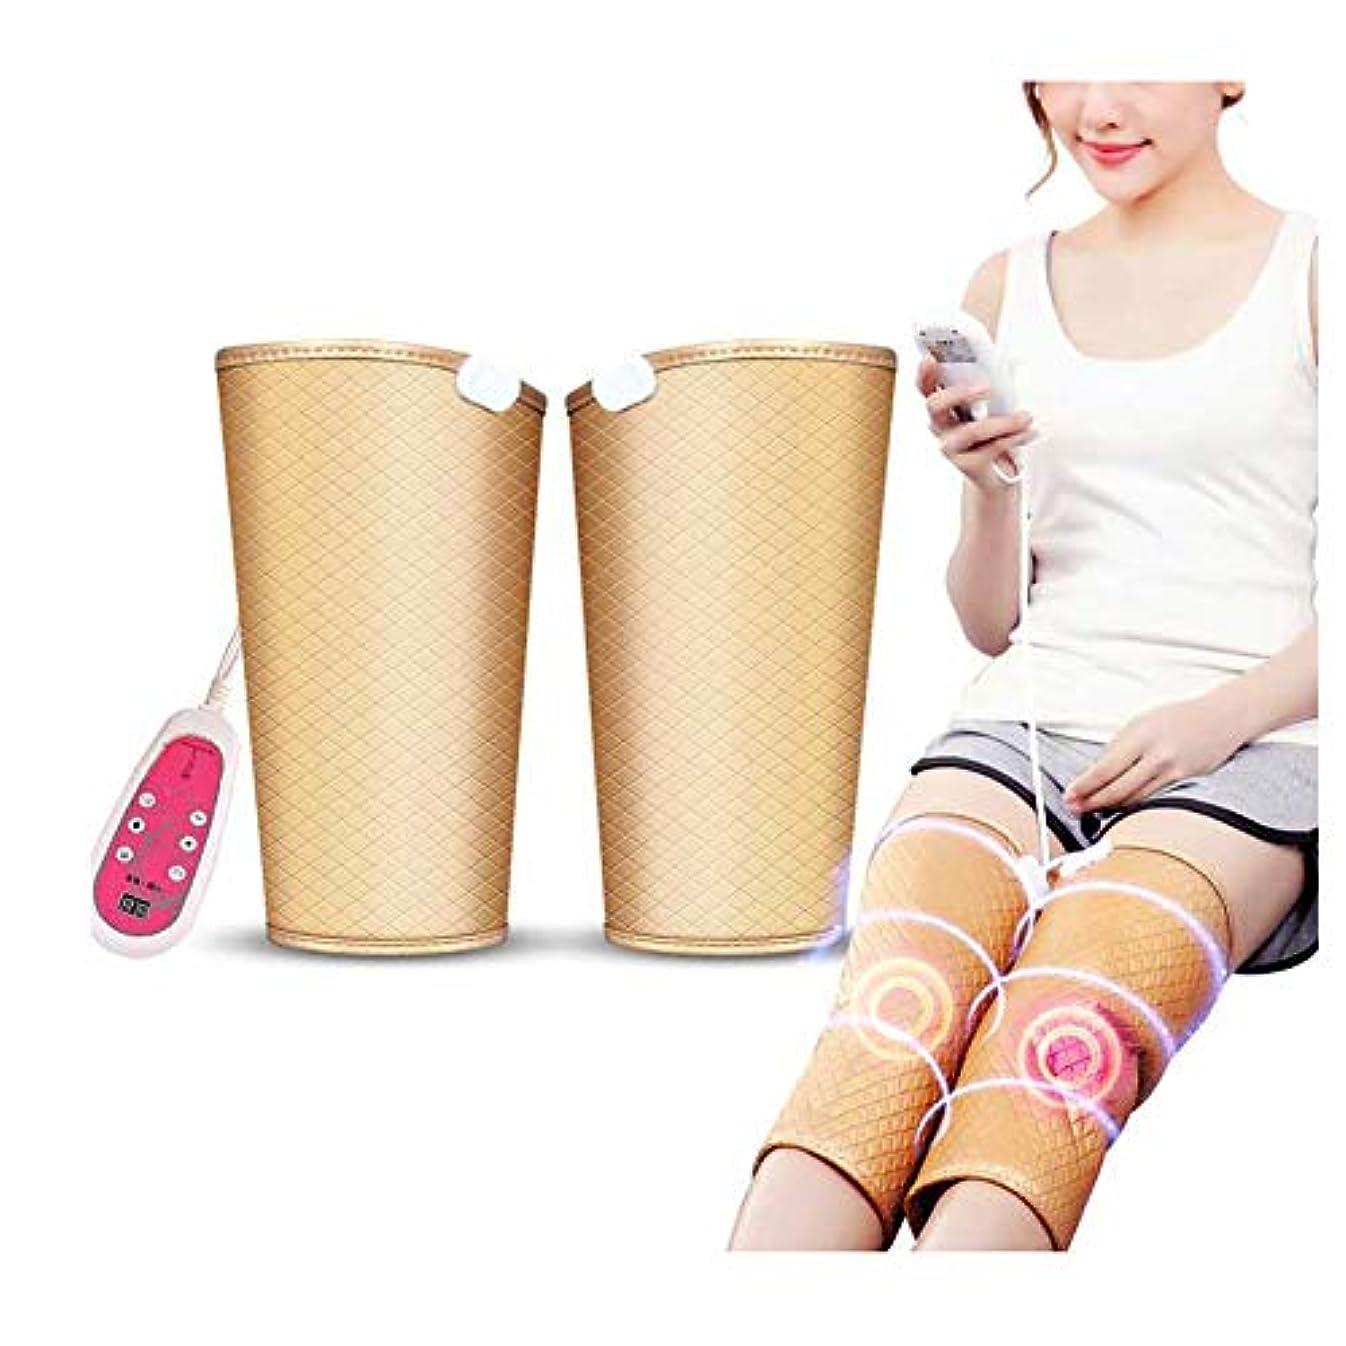 胆嚢探すジョージエリオット9種類のマッサージモードと5種類の速度を備えた加熱式膝装具-膝治療用膝セラピーマッサージャー-加熱膝パッド